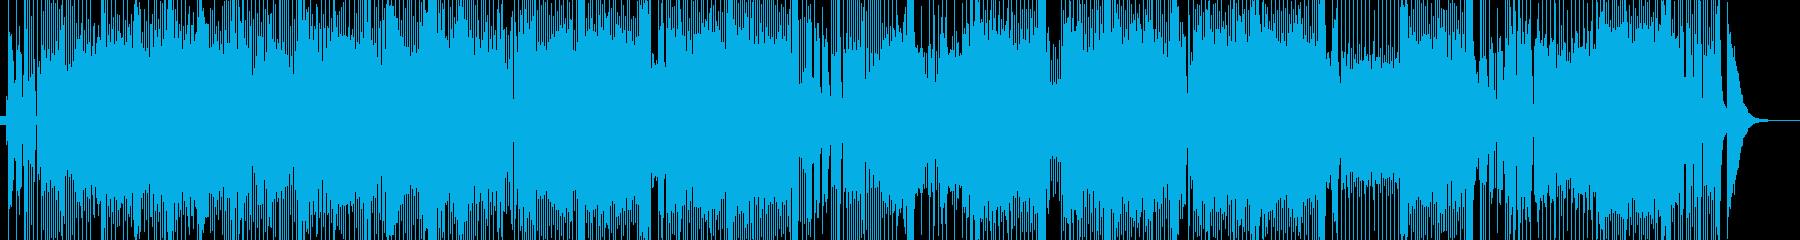 アルプスの風景が浮かぶカントリーの再生済みの波形